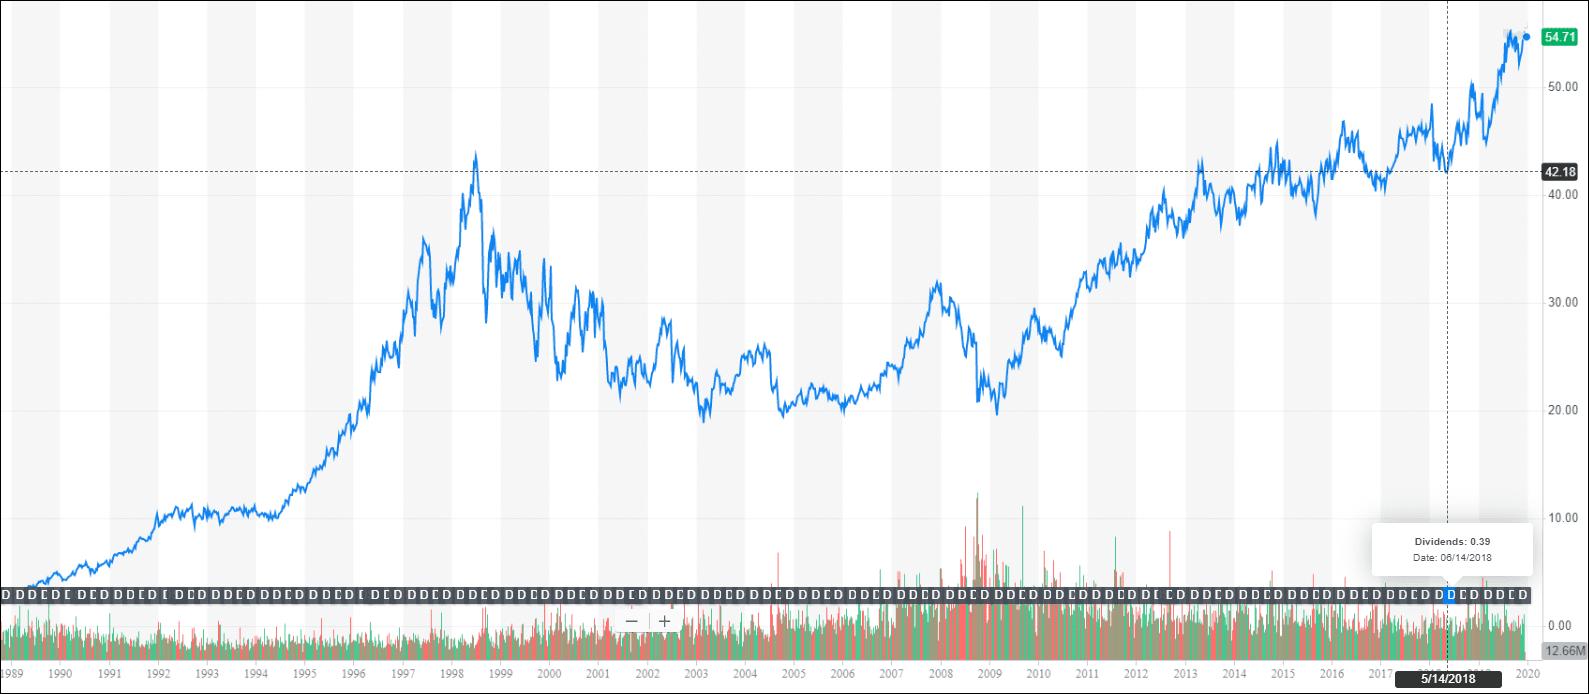 График роста компании Coca-Cola